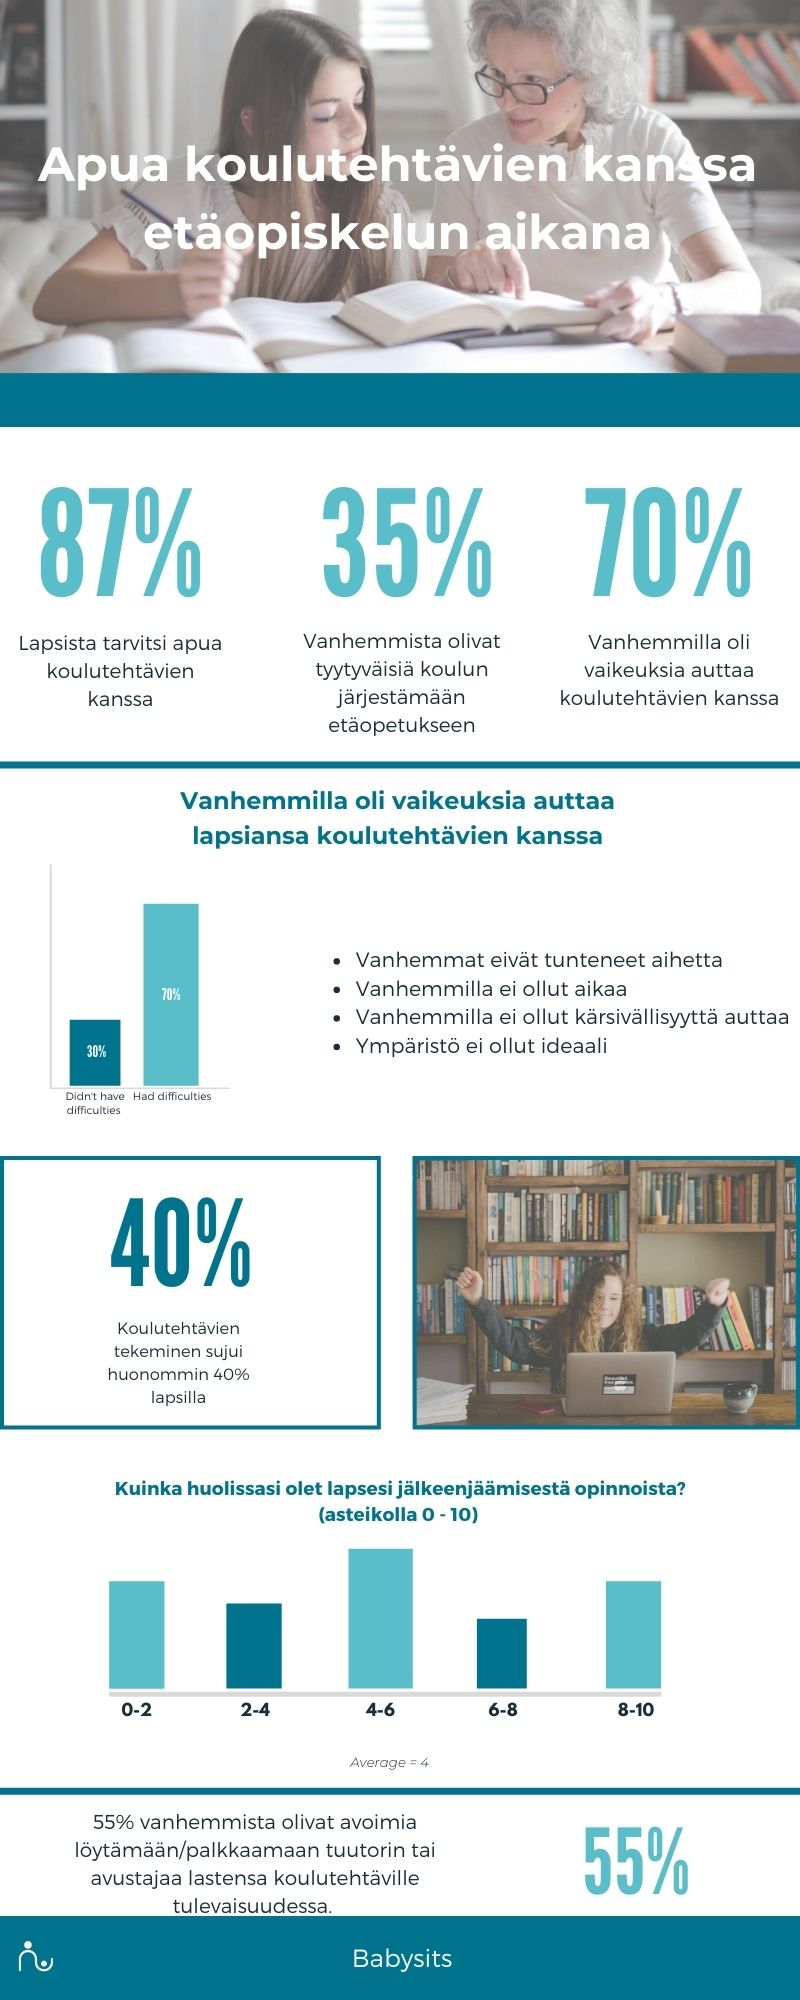 Infographic koulutehtävien avustaminen etäopiskelun aikana